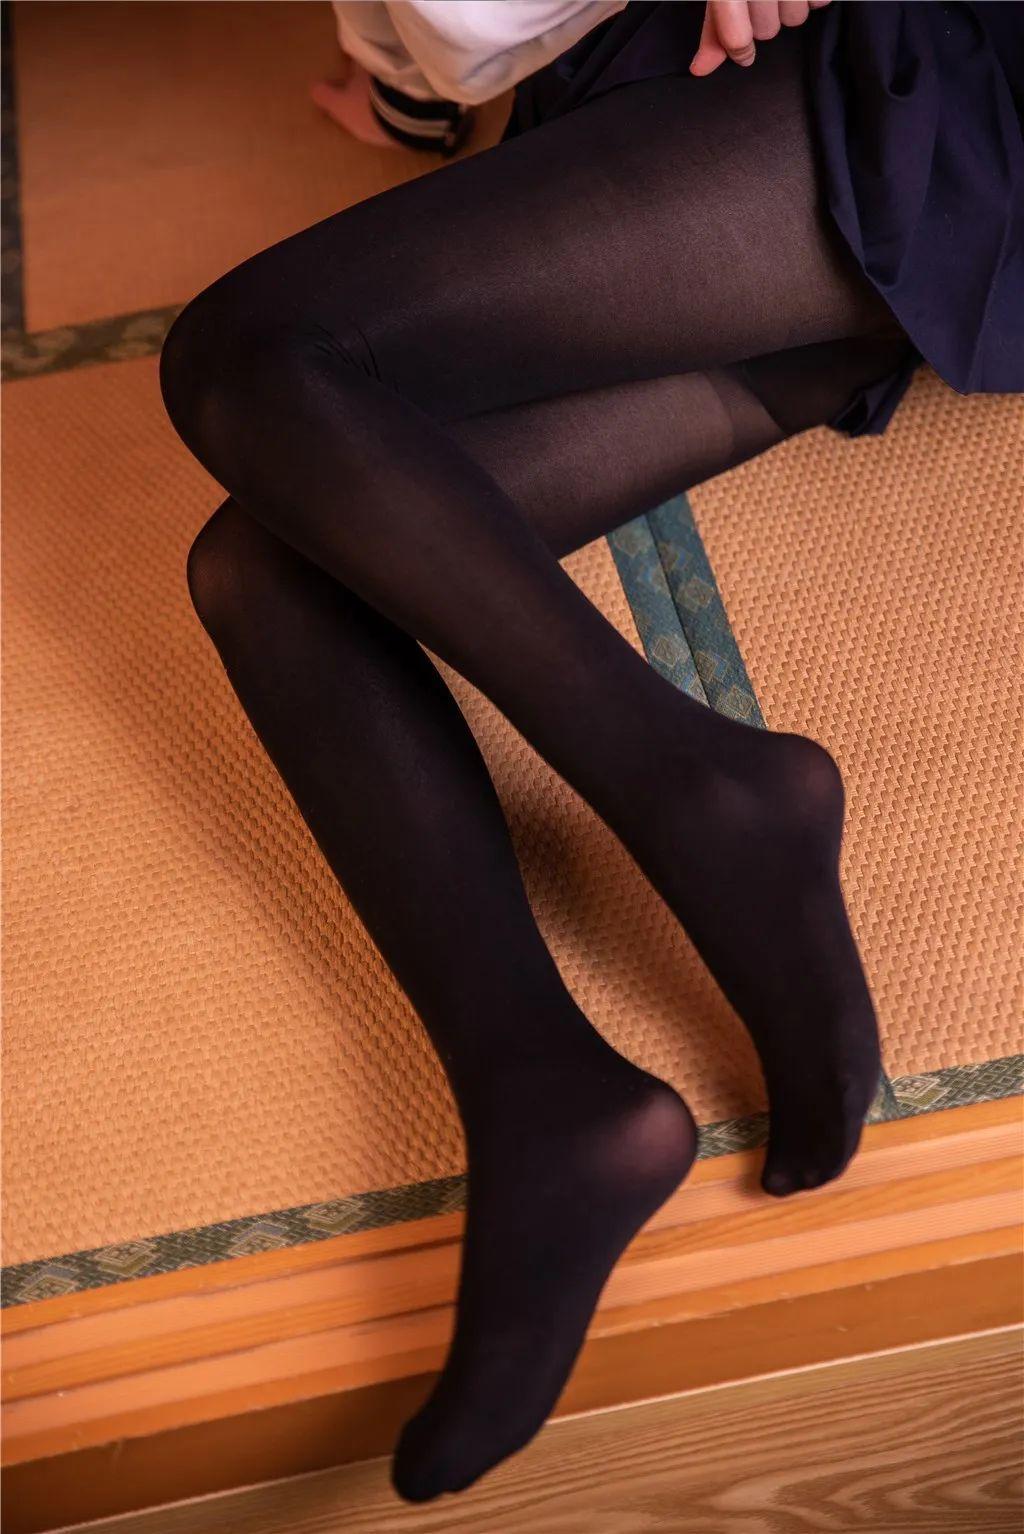 妹子摄影 – 黑白丝袜+裸足 少女女仆装_图片 No.1